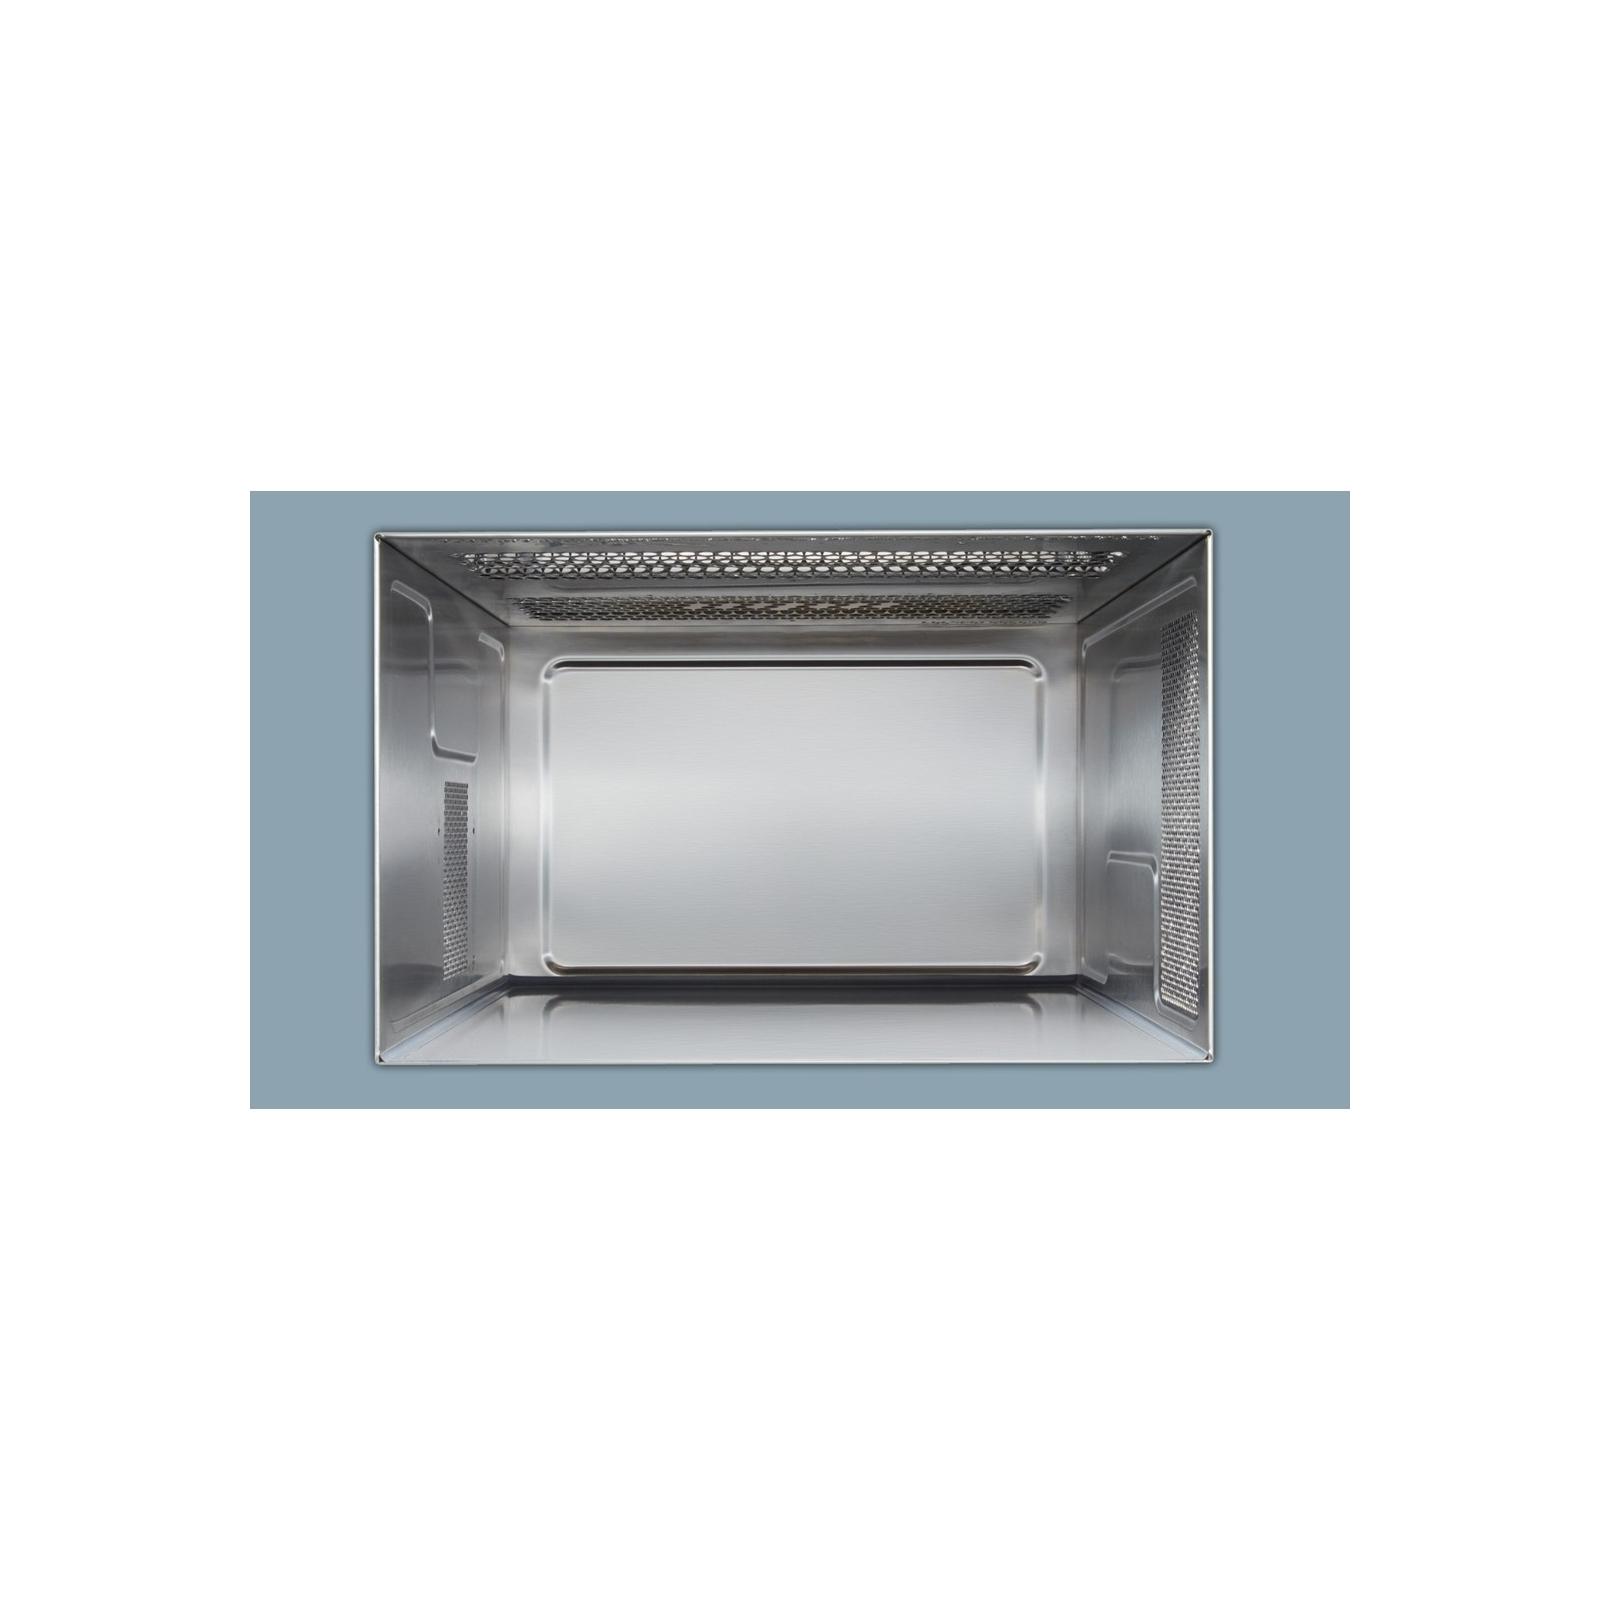 Микроволновая печь BOSCH BFL 634 GB1 (BFL634GB1) изображение 3